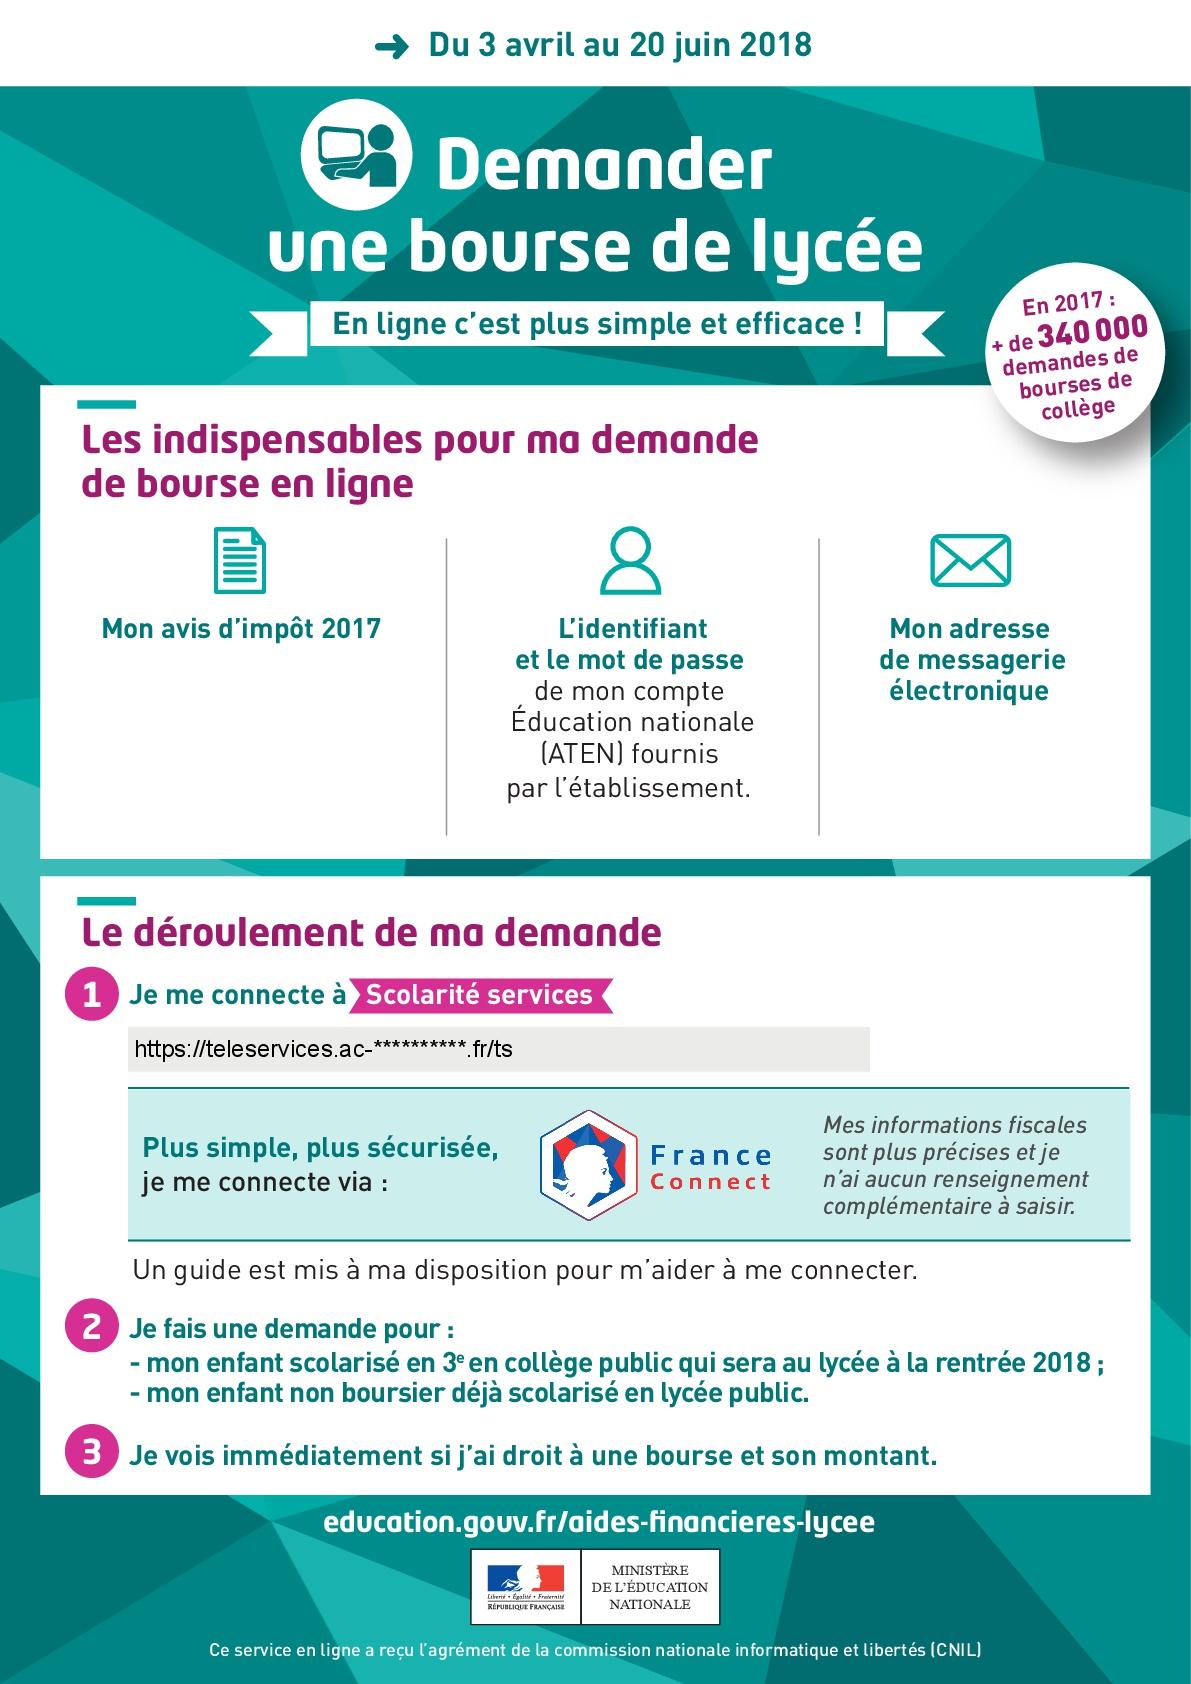 flyer_demander_une_bourse_de_lycee.jpg